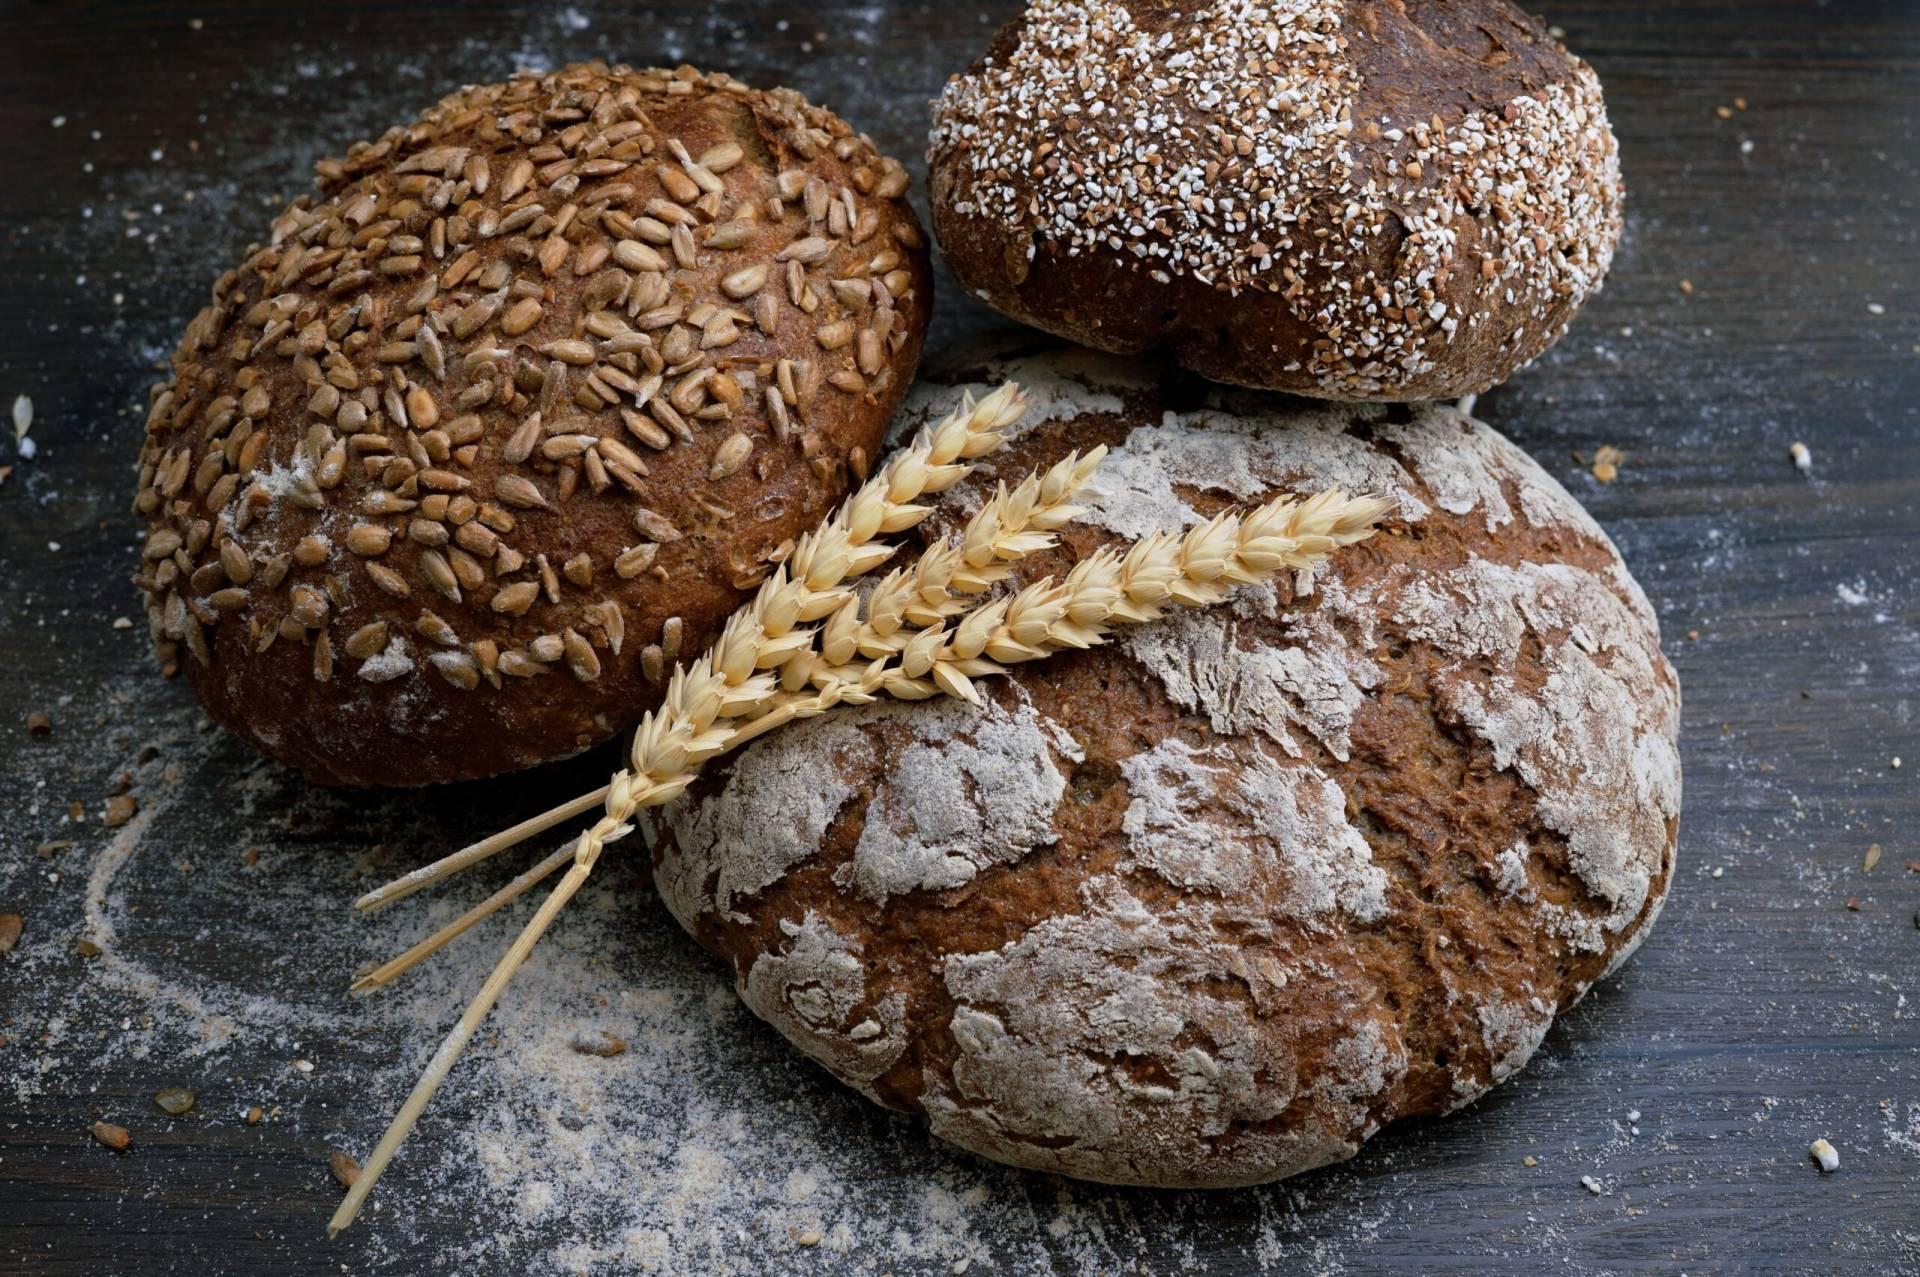 Fiberrikt bröd som bakats med guargummi och betaglukan kan hjälpa dig att minska i vikt enligt en studie.